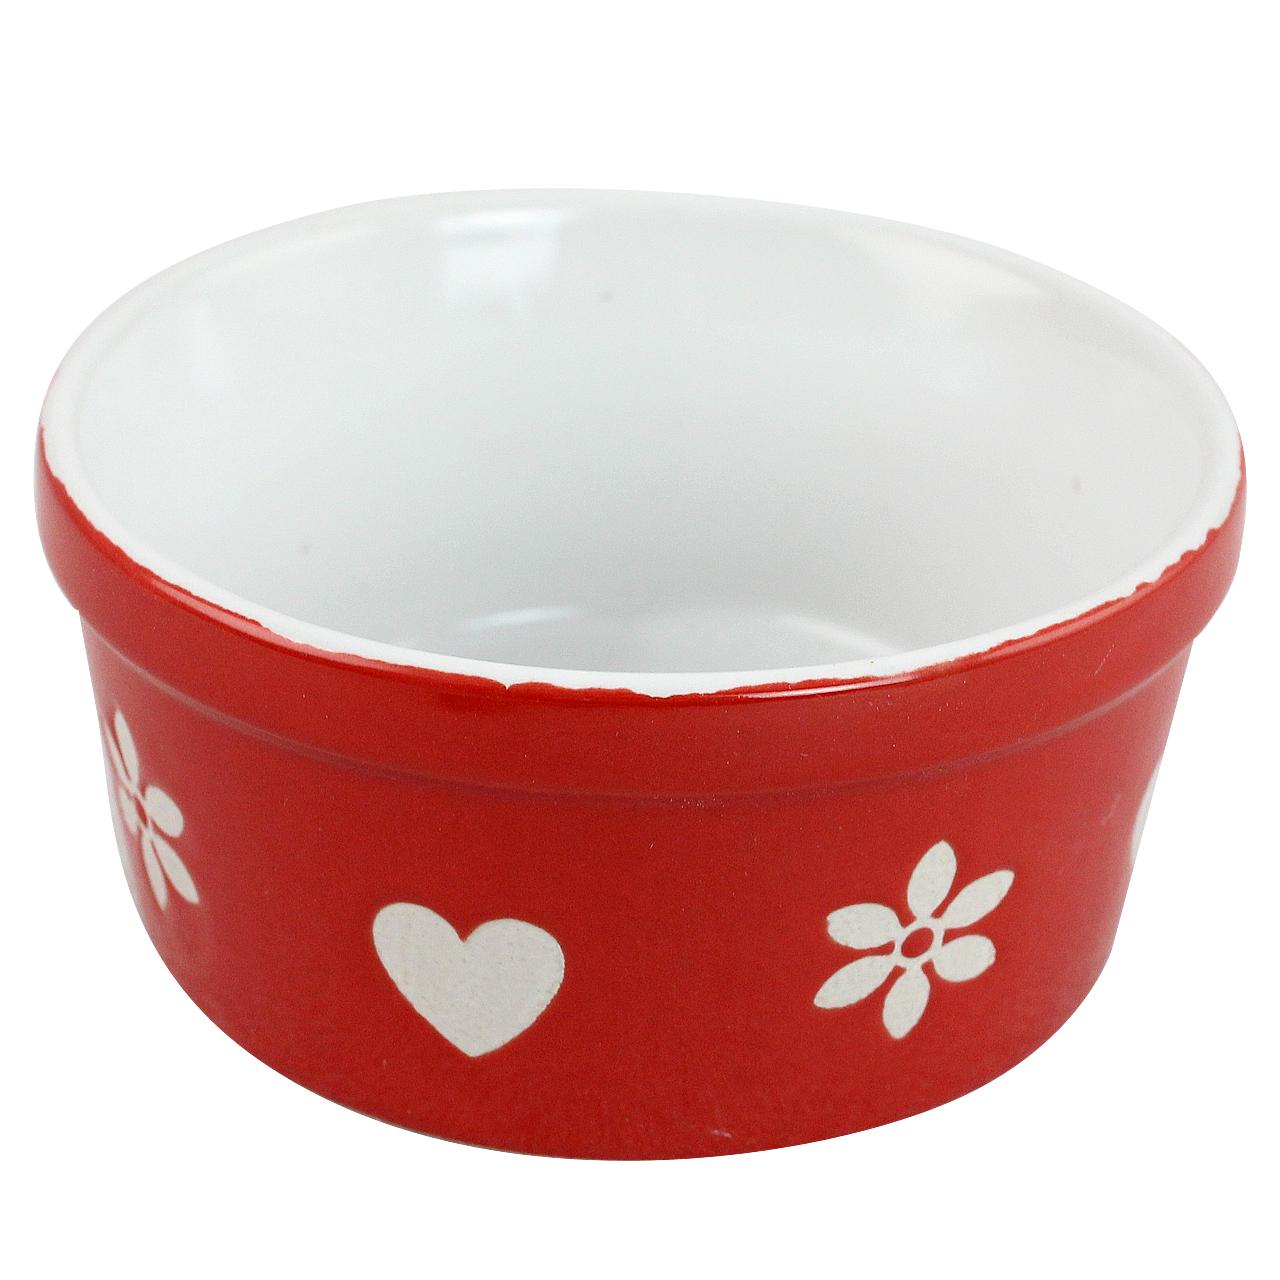 Bol Din Ceramica Rosie Cu Inimioare Si Flori